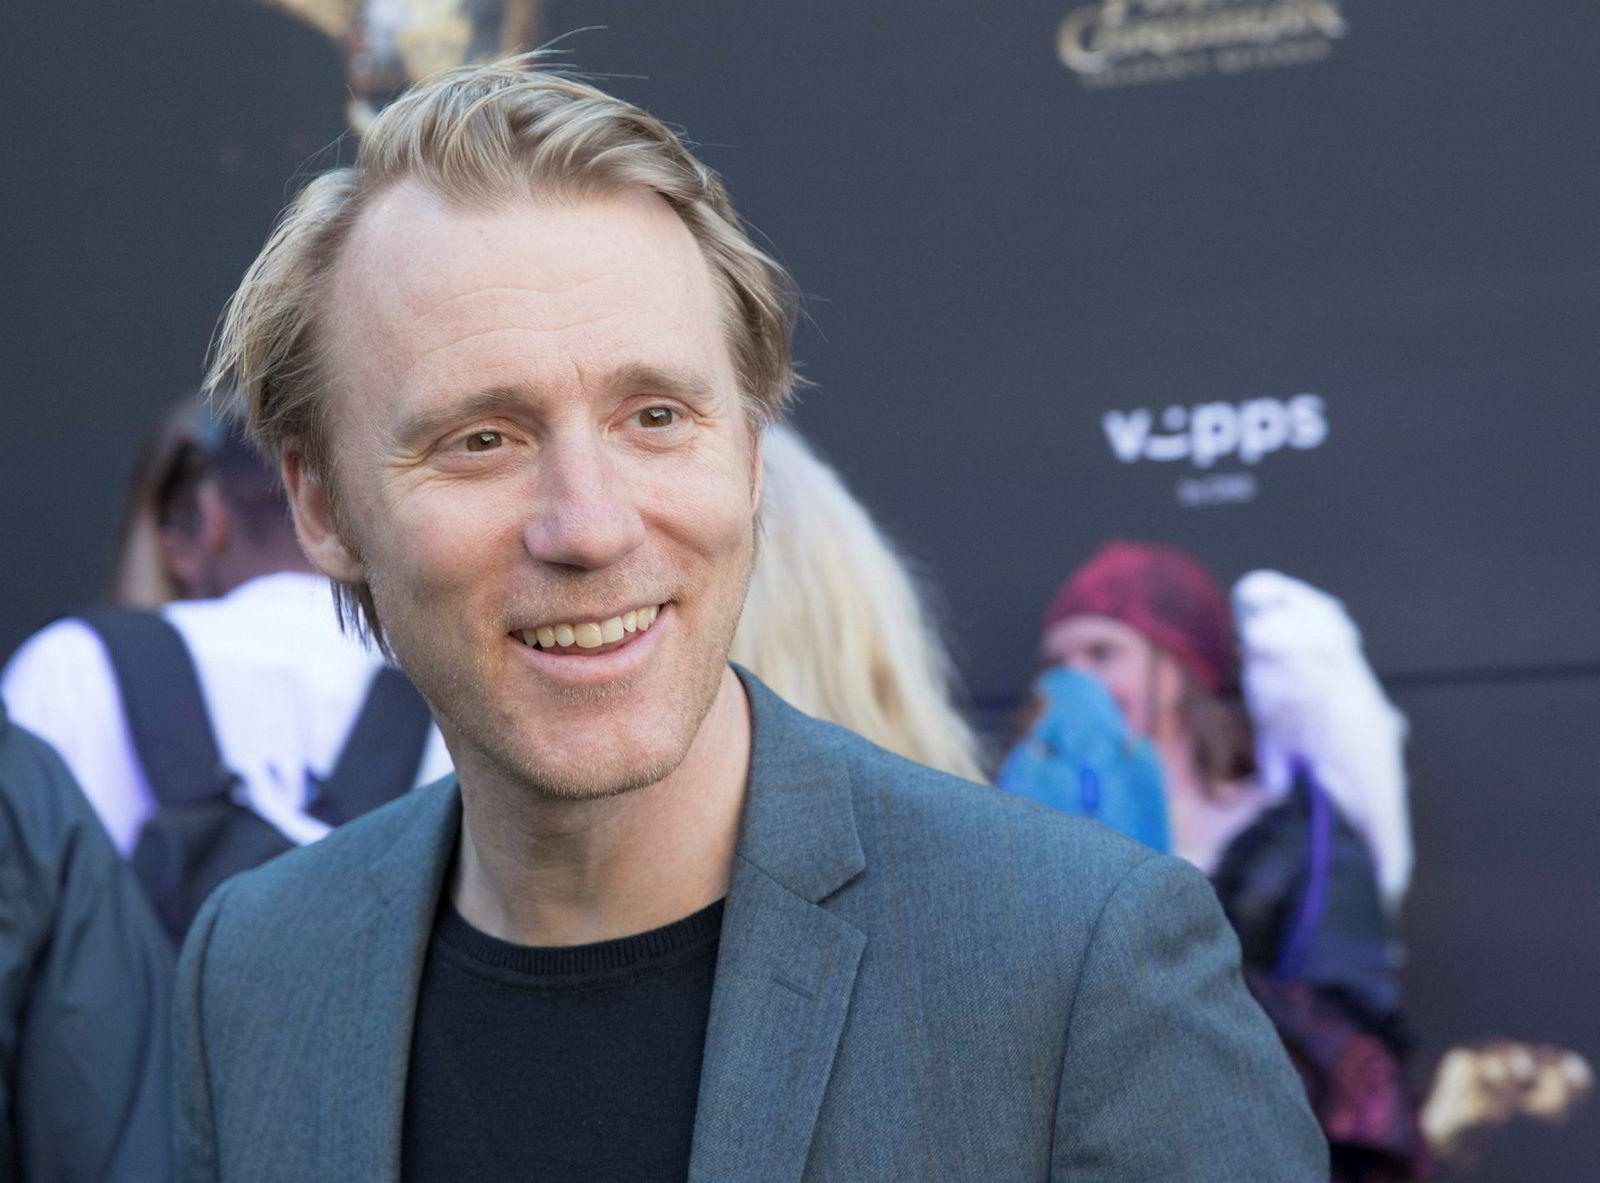 Innbytterstjerne: «Vikings»-skuespiller Thorbjørn Harr erstattet Joner på kort varsel.